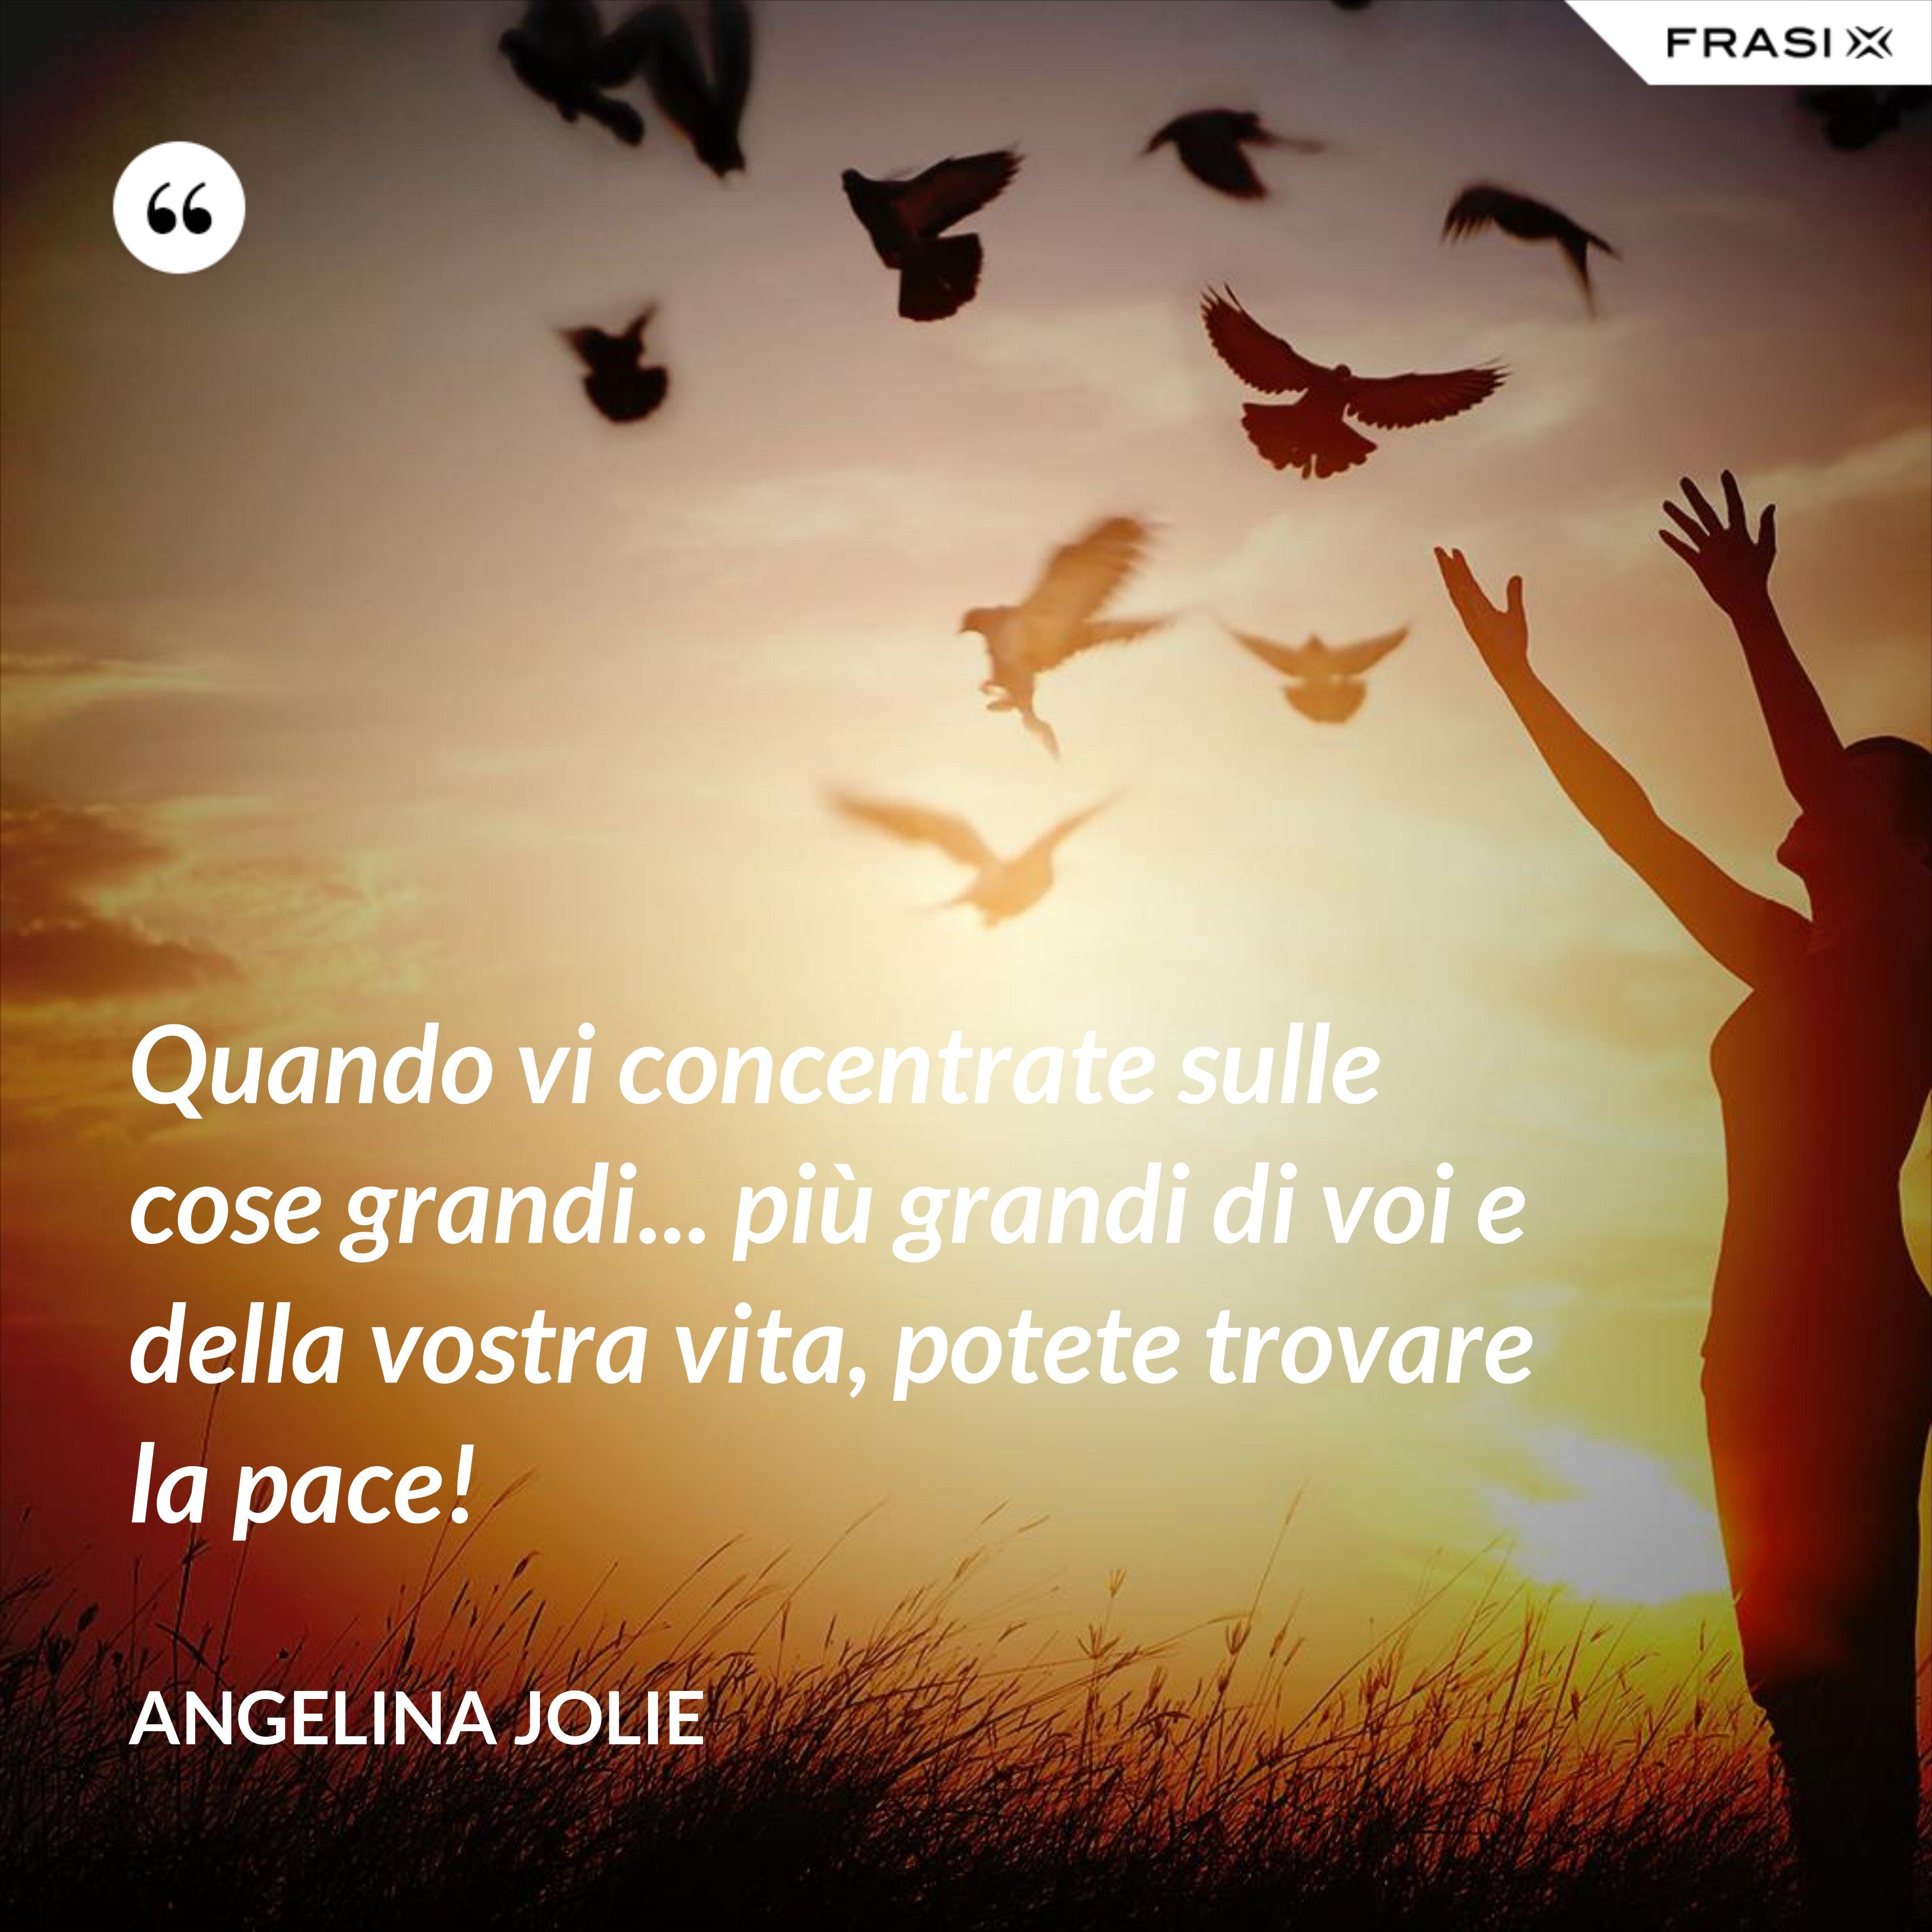 Quando vi concentrate sulle cose grandi... più grandi di voi e della vostra vita, potete trovare la pace! - Angelina Jolie